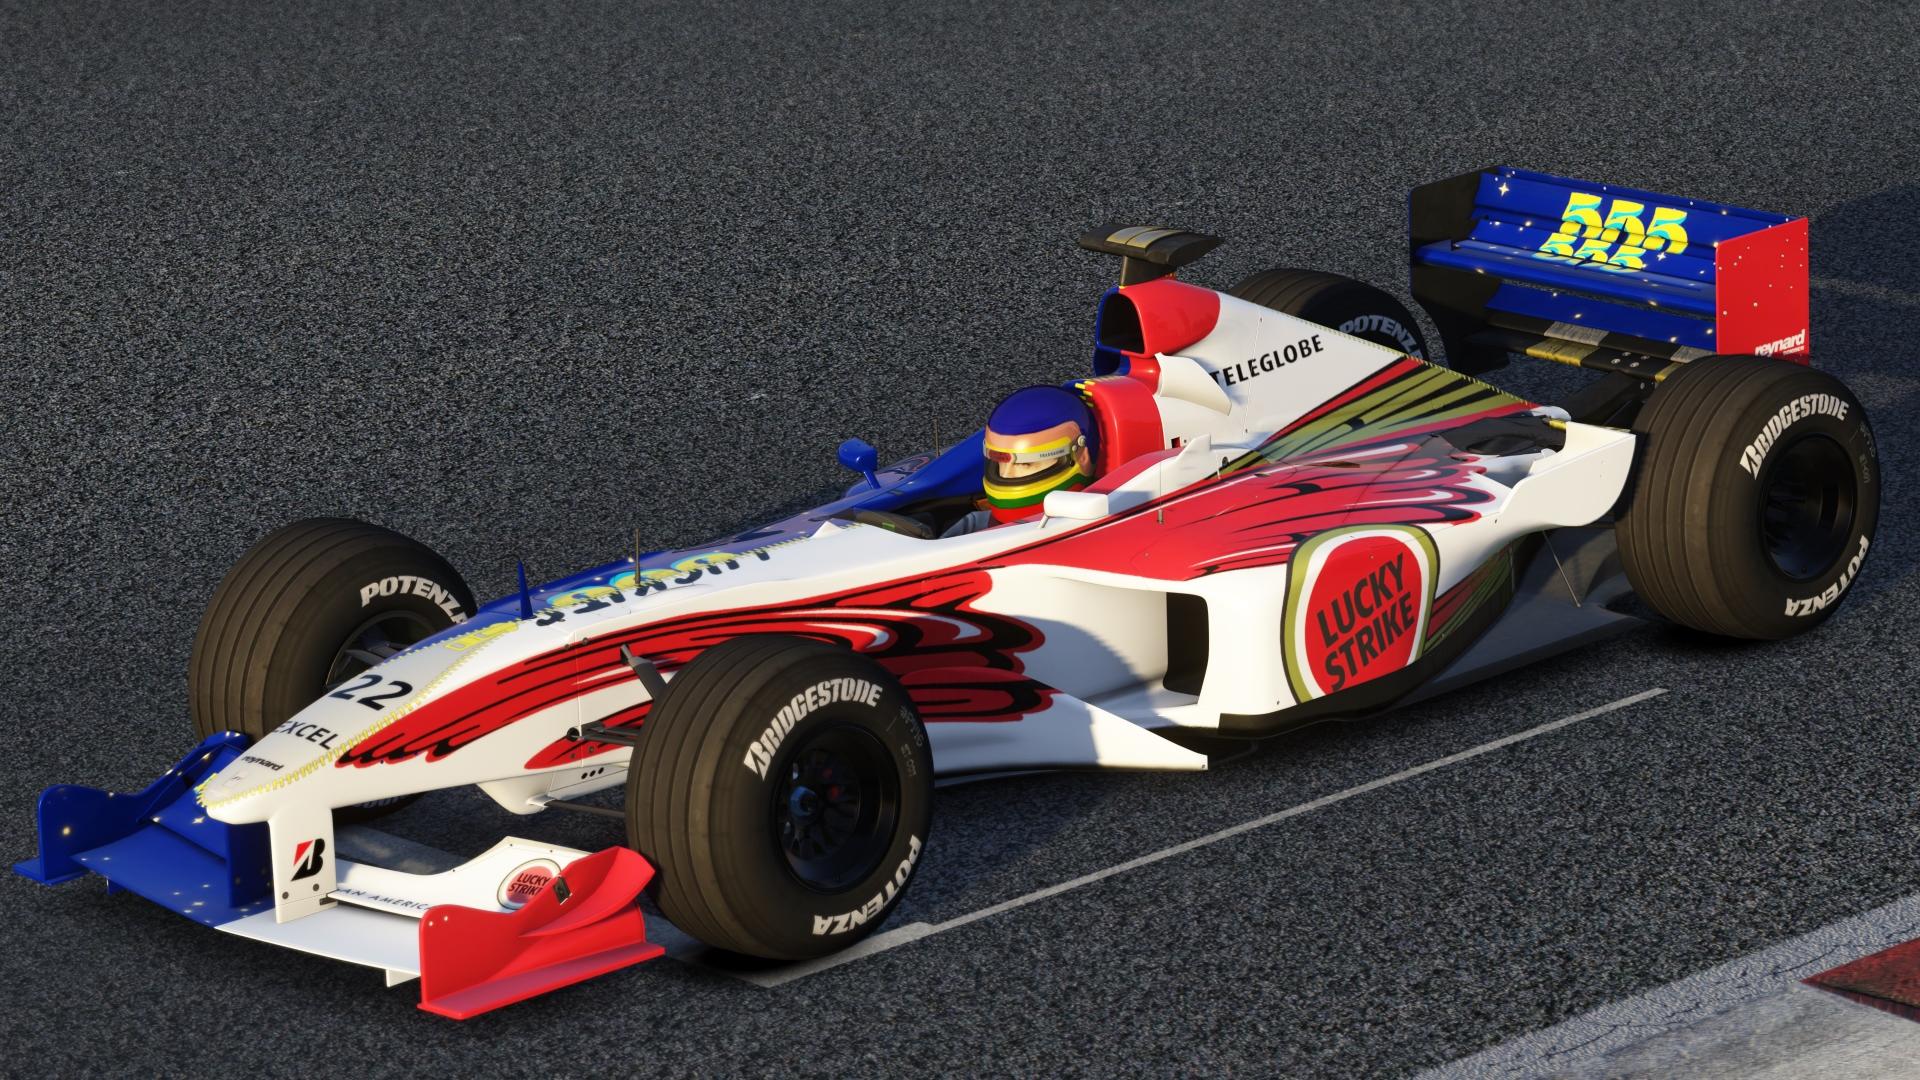 Screenshot_rss_formula_2000_ks_nurburgring_24-12-119-19-45-54.jpg